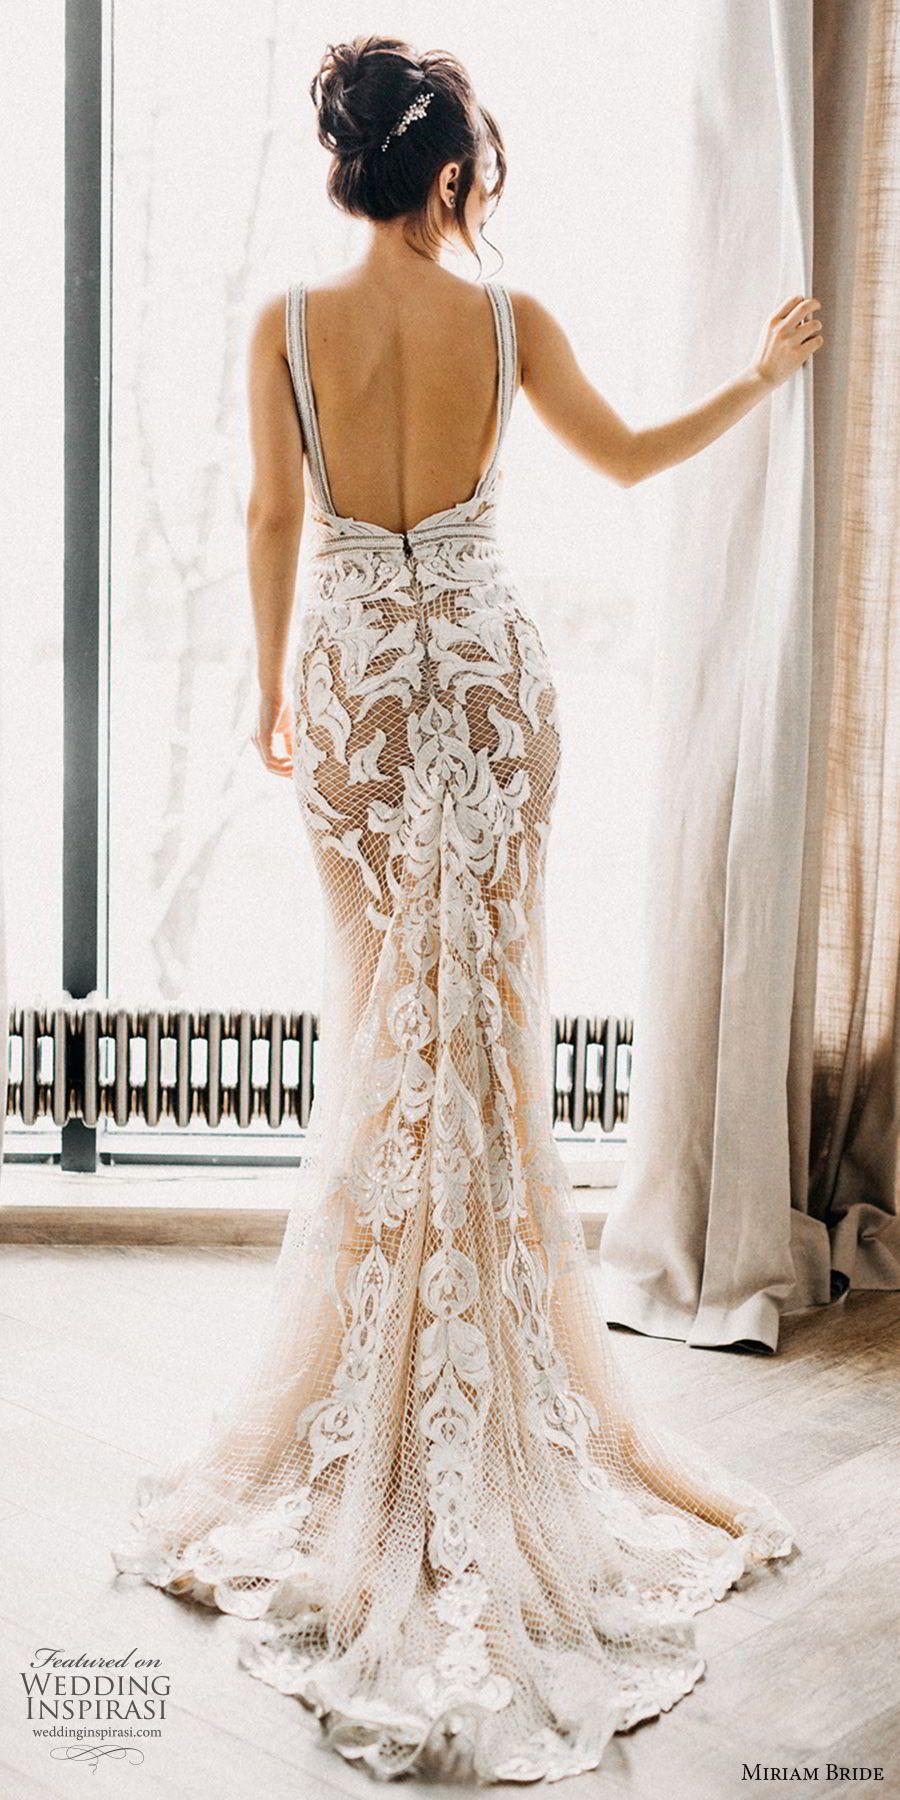 Miriams Braut 14 Brautkleider  Kleid hochzeit, Atemberaubende